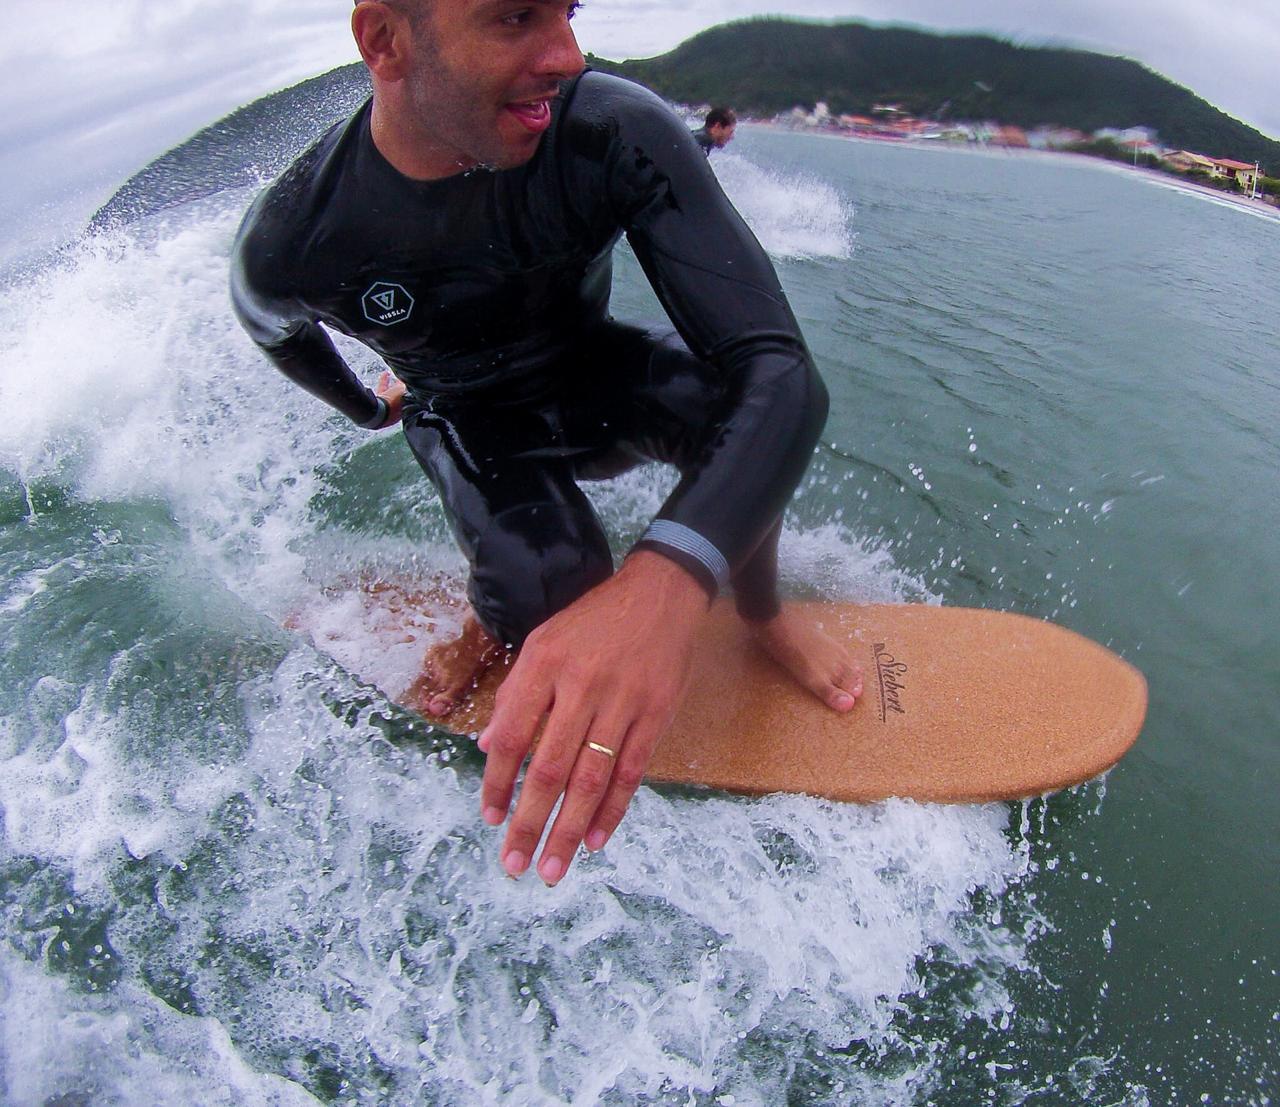 Palestrante do LSA, diretor premiado nesta edição e freesurfer, Junior Faria testa uma Siebert sem quilha feita de cortiça.